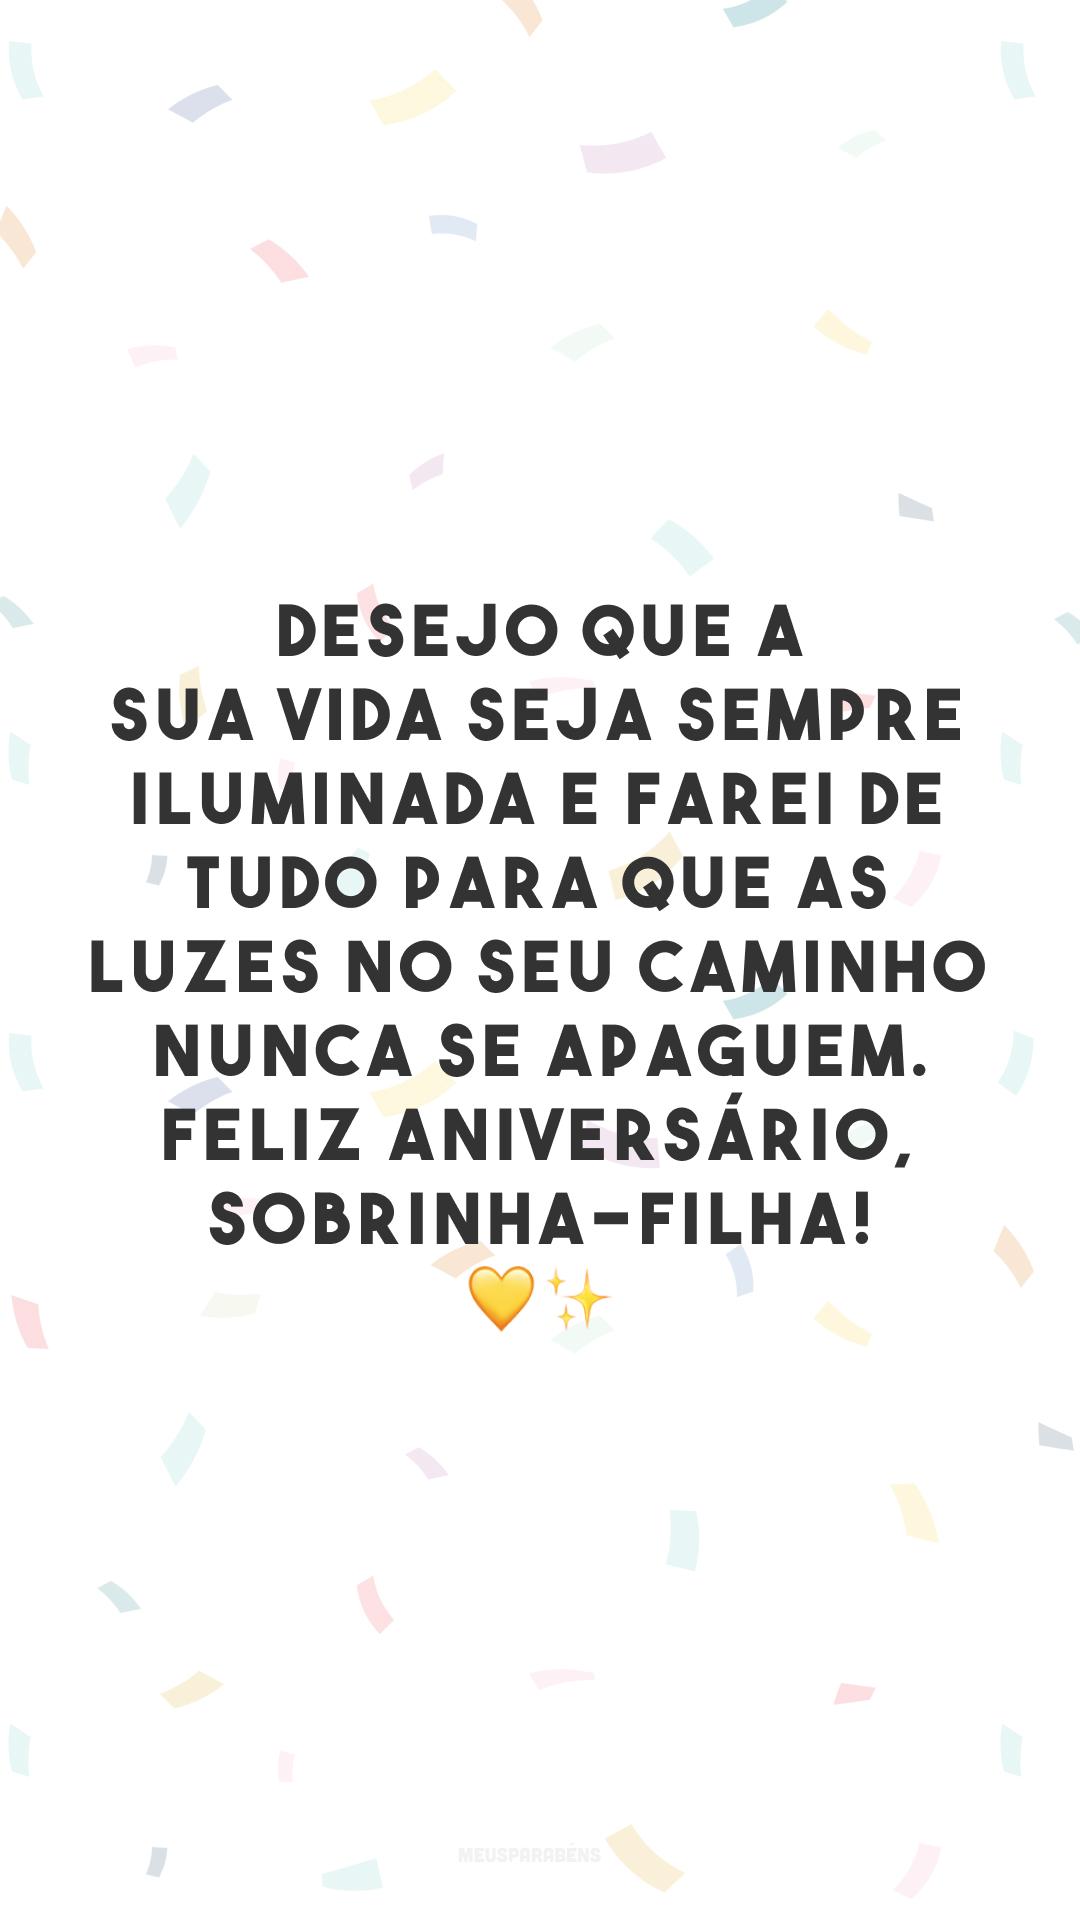 Desejo que a sua vida seja sempre iluminada e farei de tudo para que as luzes no seu caminho nunca se apaguem. Feliz aniversário, sobrinha-filha! 💛✨